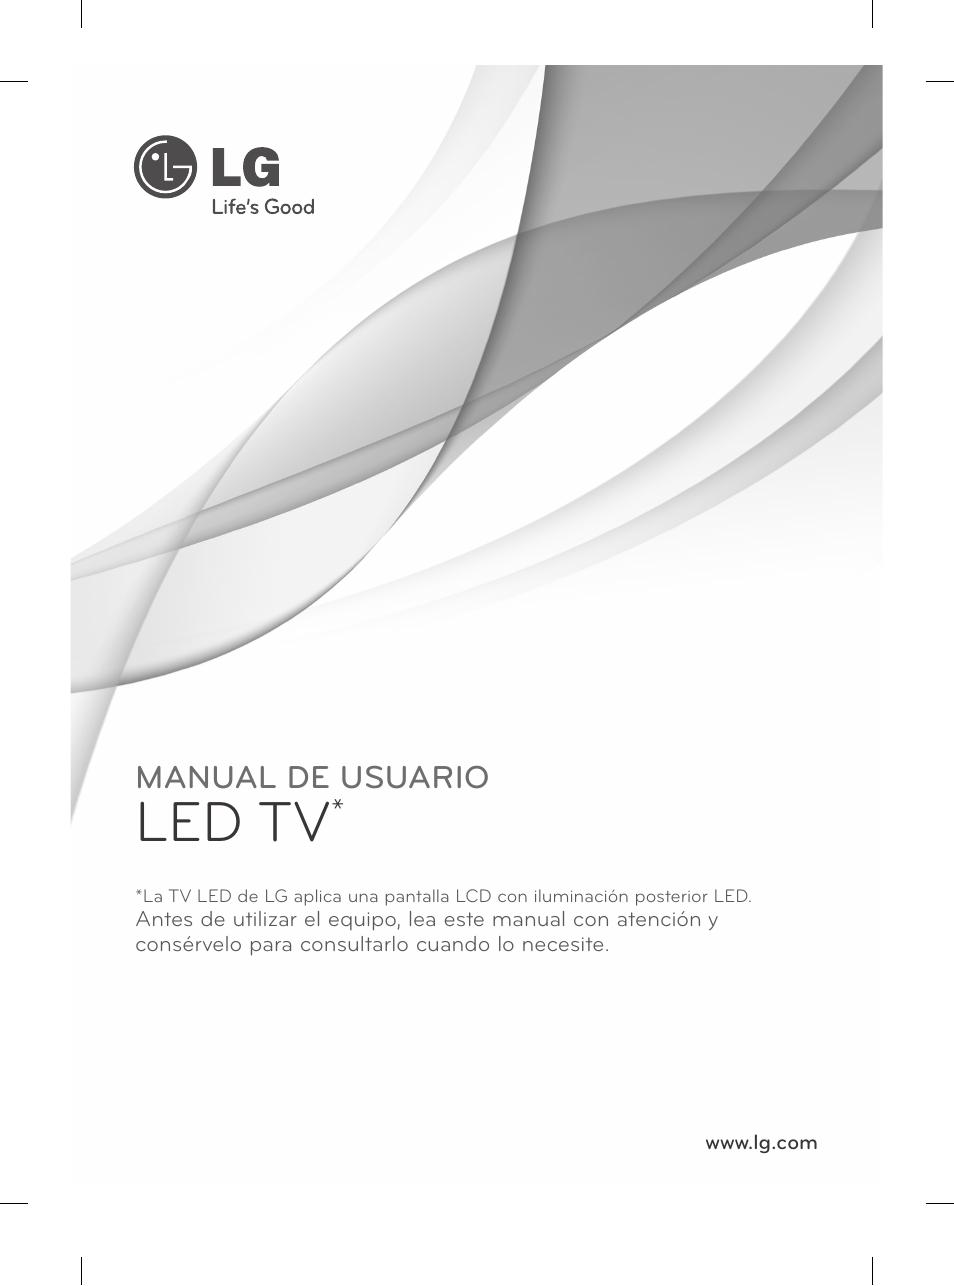 Led tv | LG 42LN5200 User Manual | Page 105 / 208